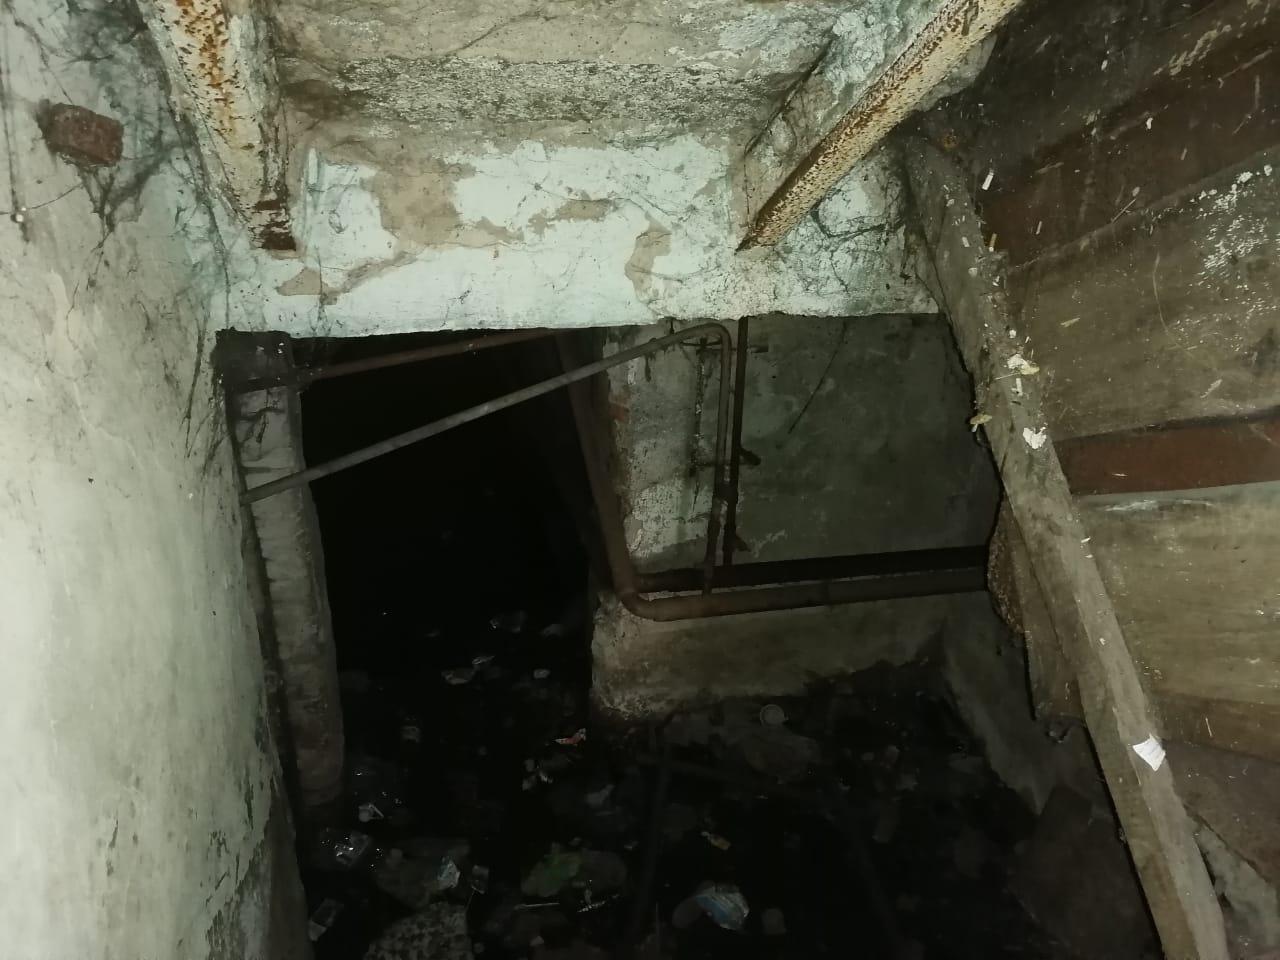 В подвале дома — воды по щиколотку